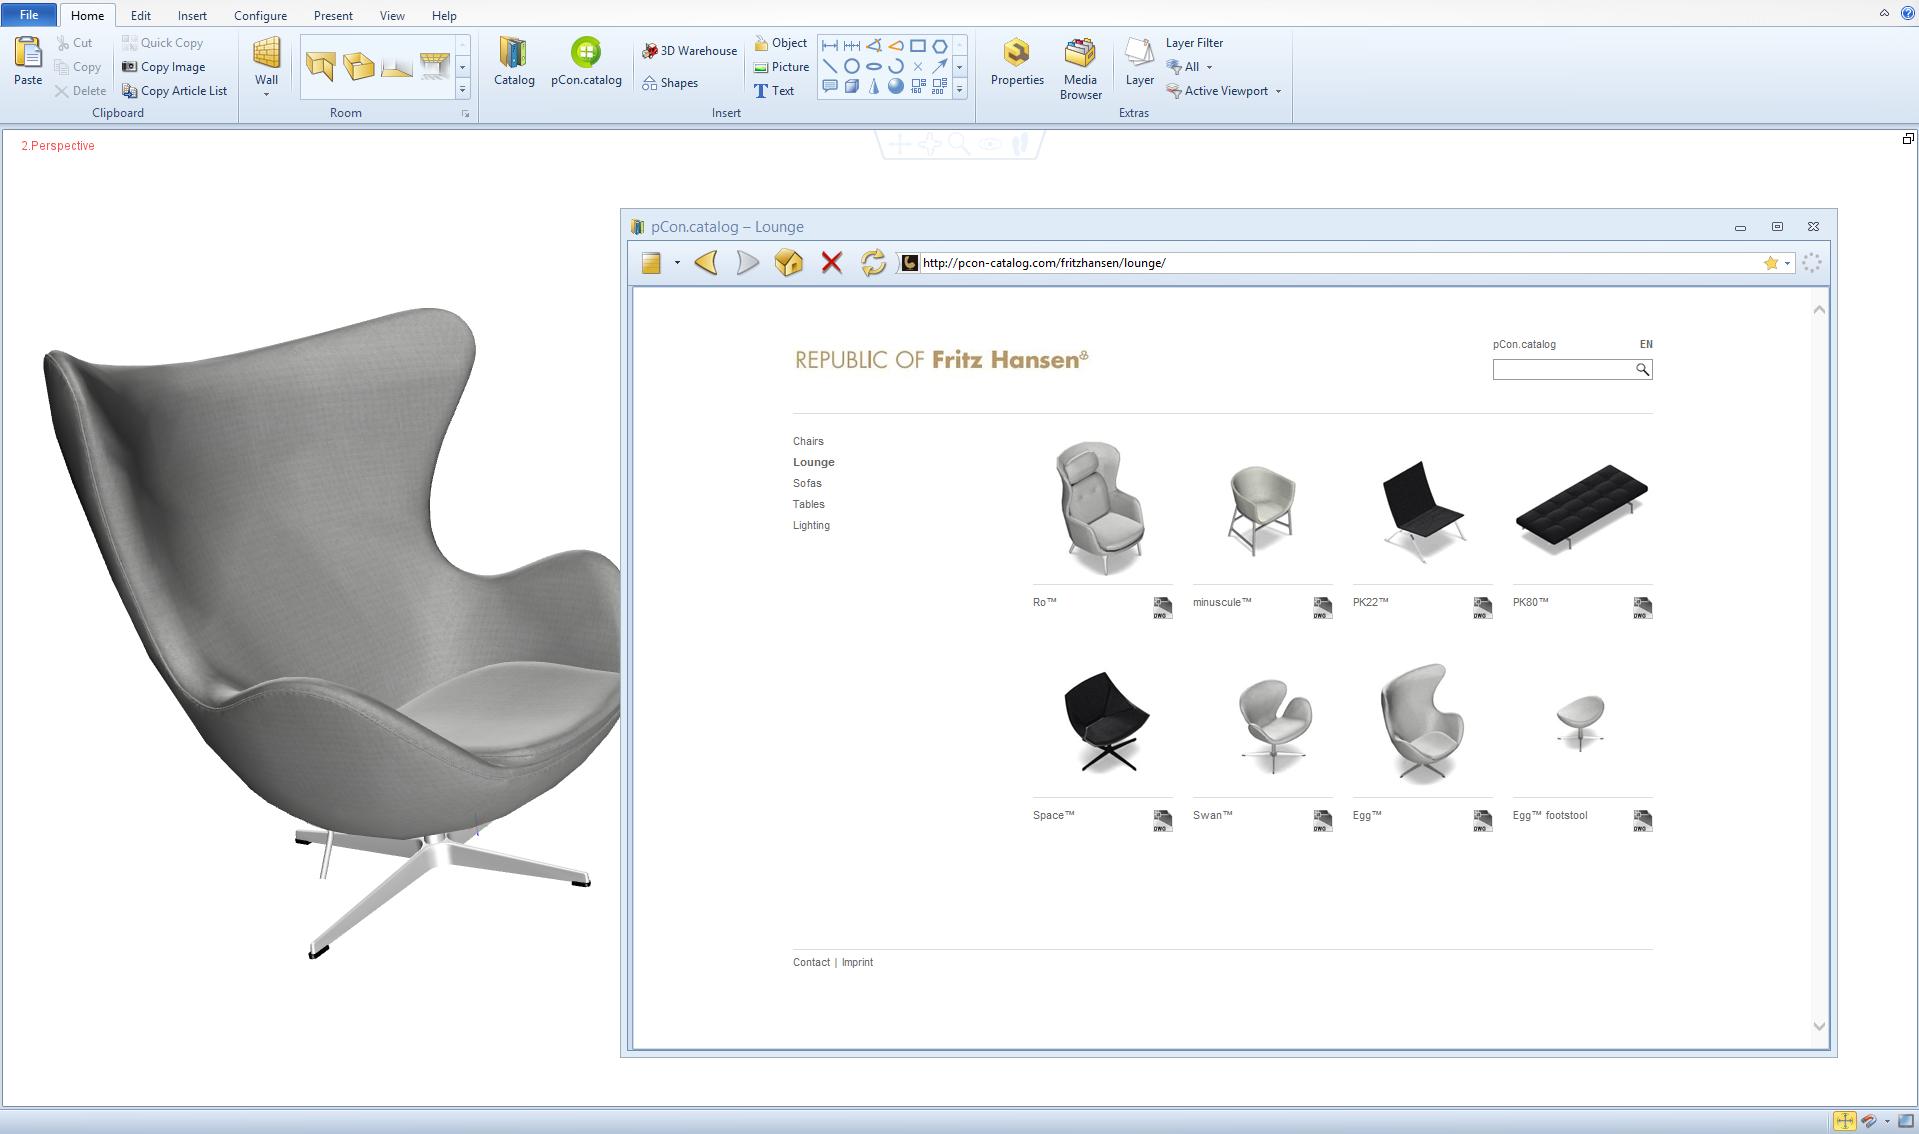 fritz hansen sul pcon.catalog | blochi modelli dwg 3d - pcon - il blog - Arredo Design Dwg